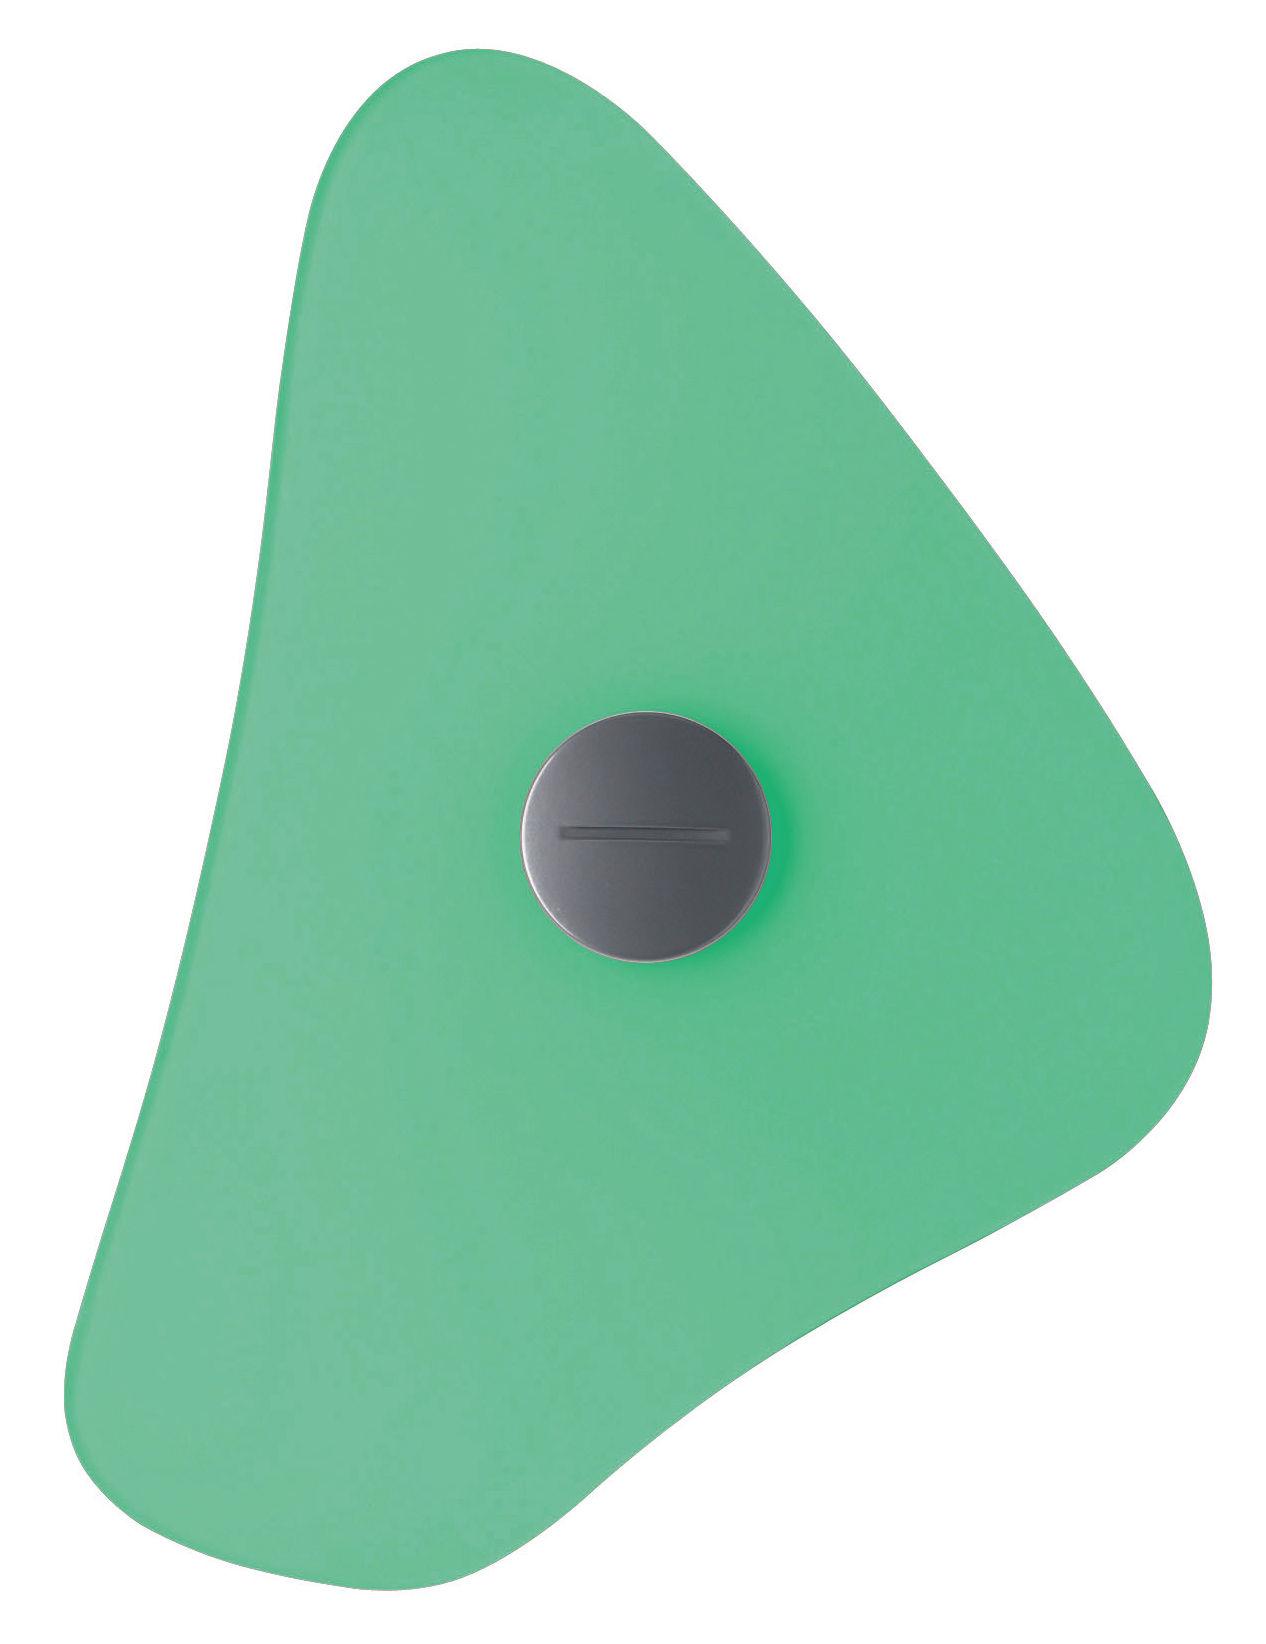 Leuchten - Wandleuchten - Bit 4 Wandleuchte mit Stromkabel - Foscarini - Grün - Glas, Metall